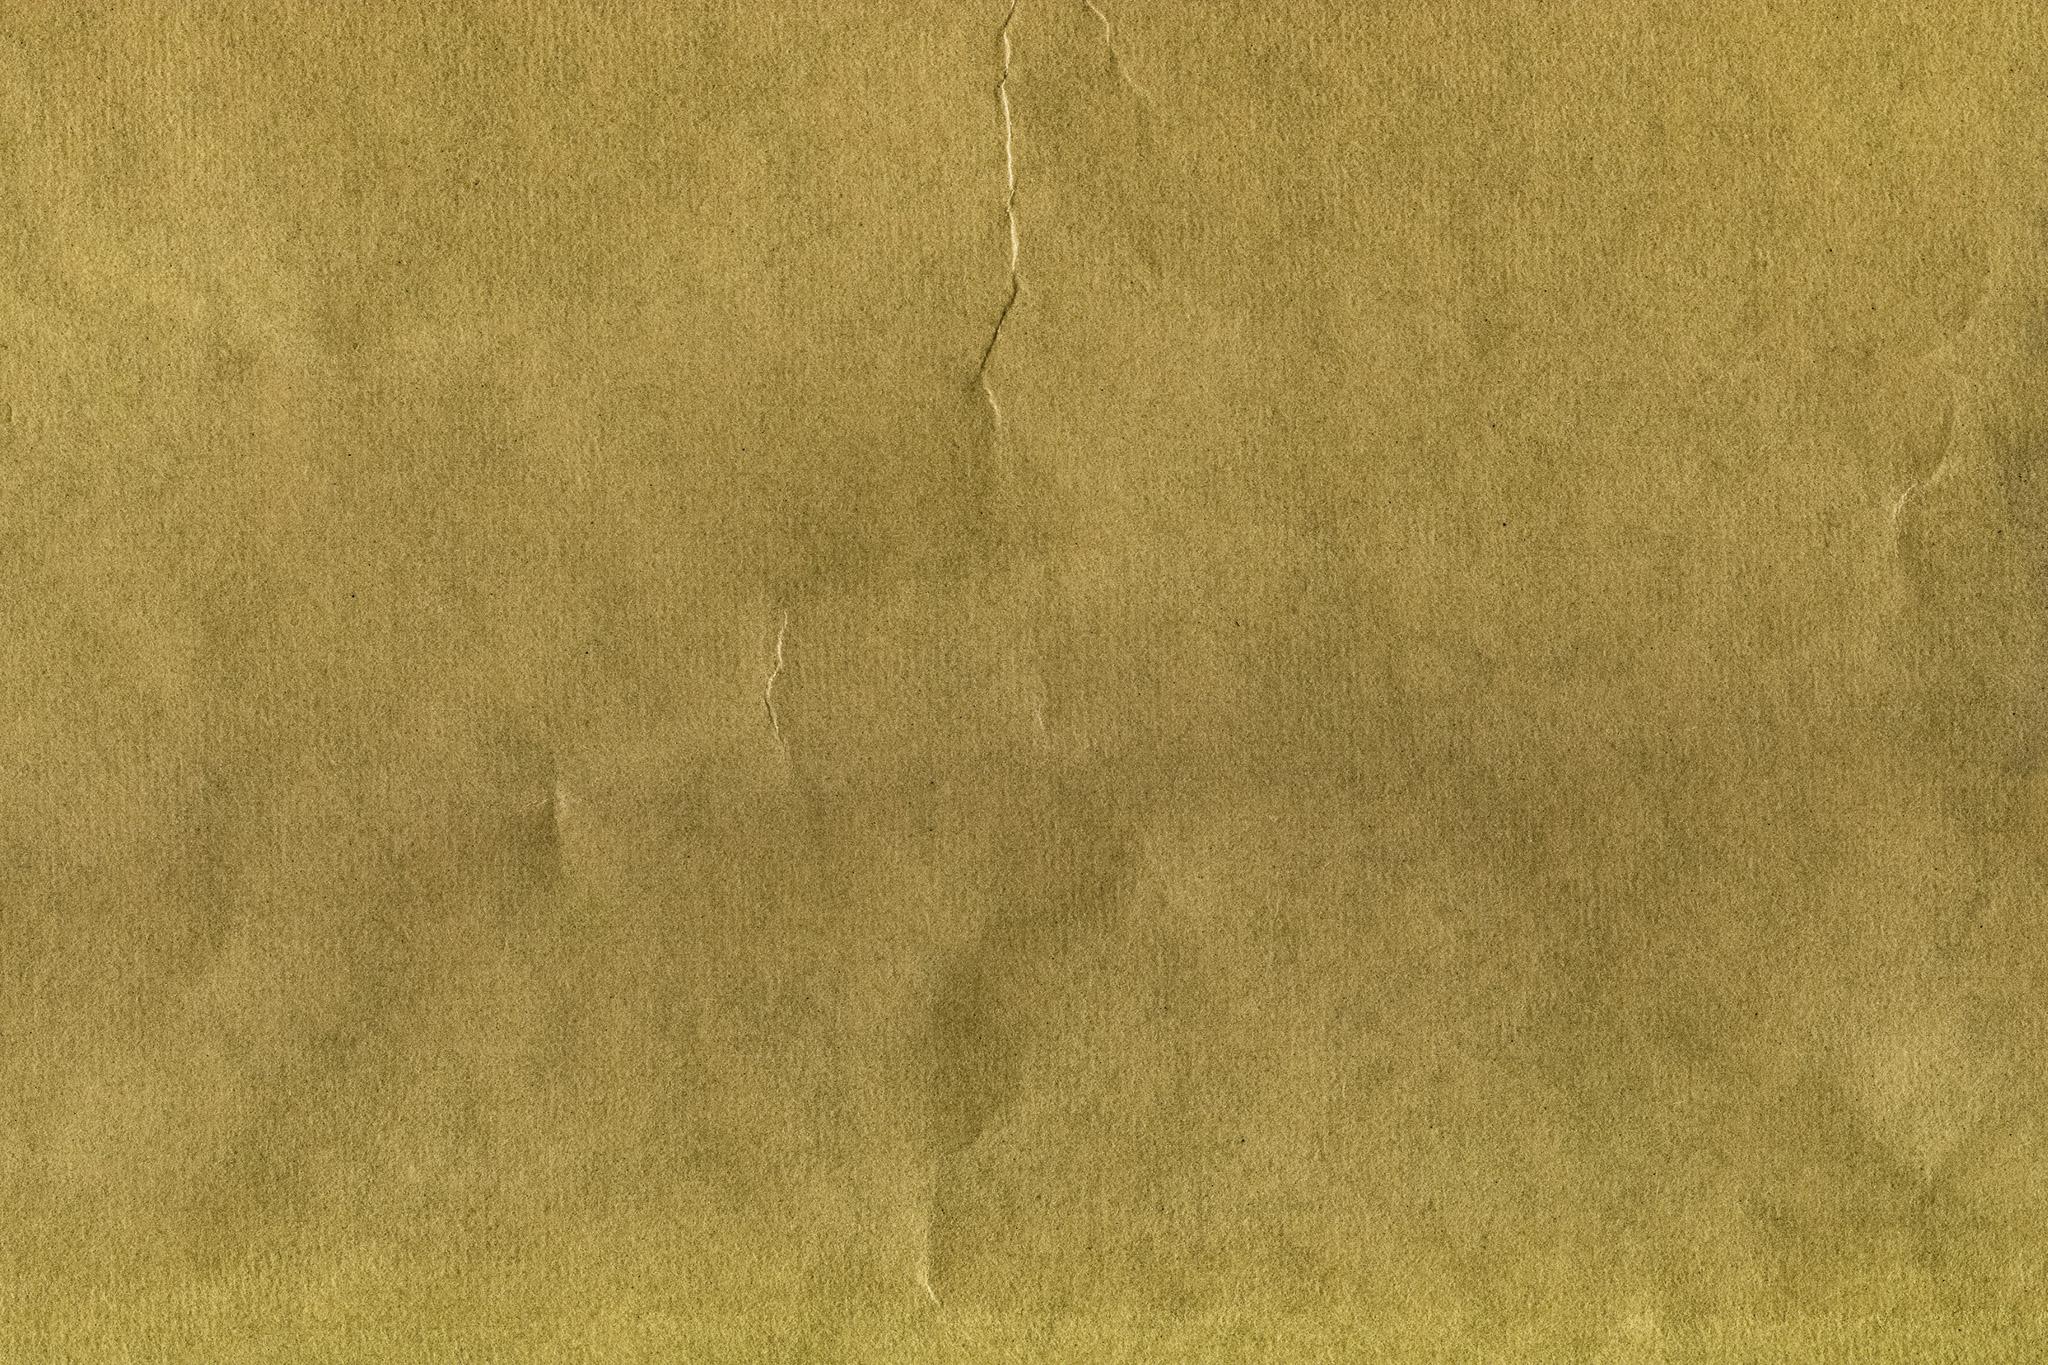 「縦皺が付いた茶色の紙のテクスチャ」